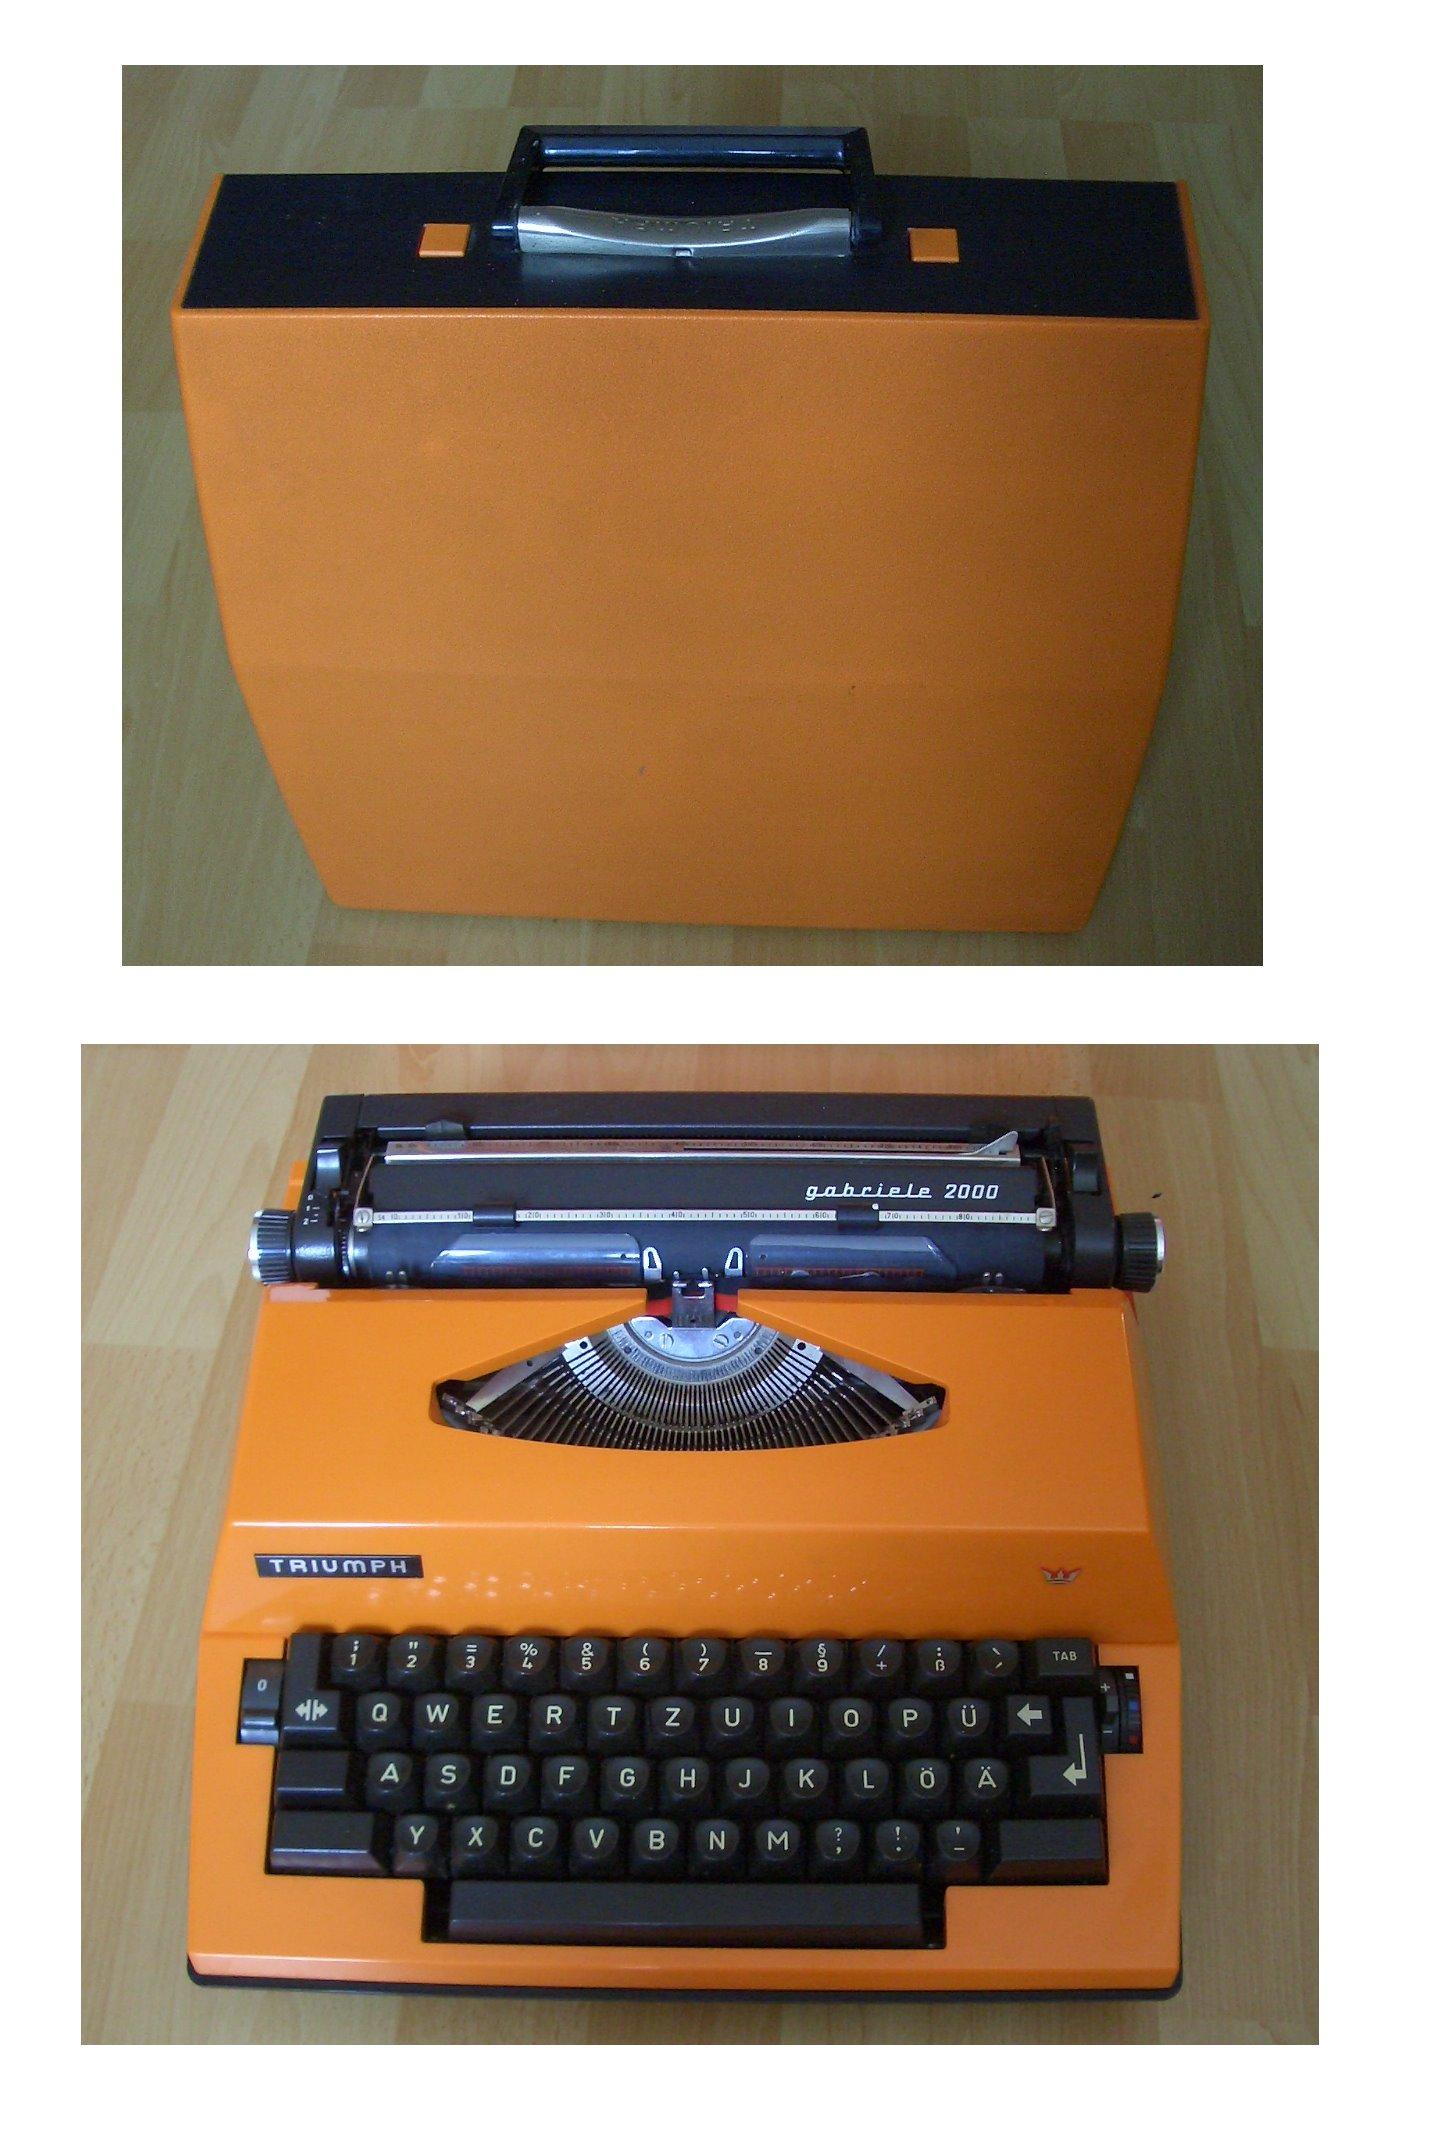 Schreibmaschine - SchlossHeld, das Portal für Schlüsseldienste